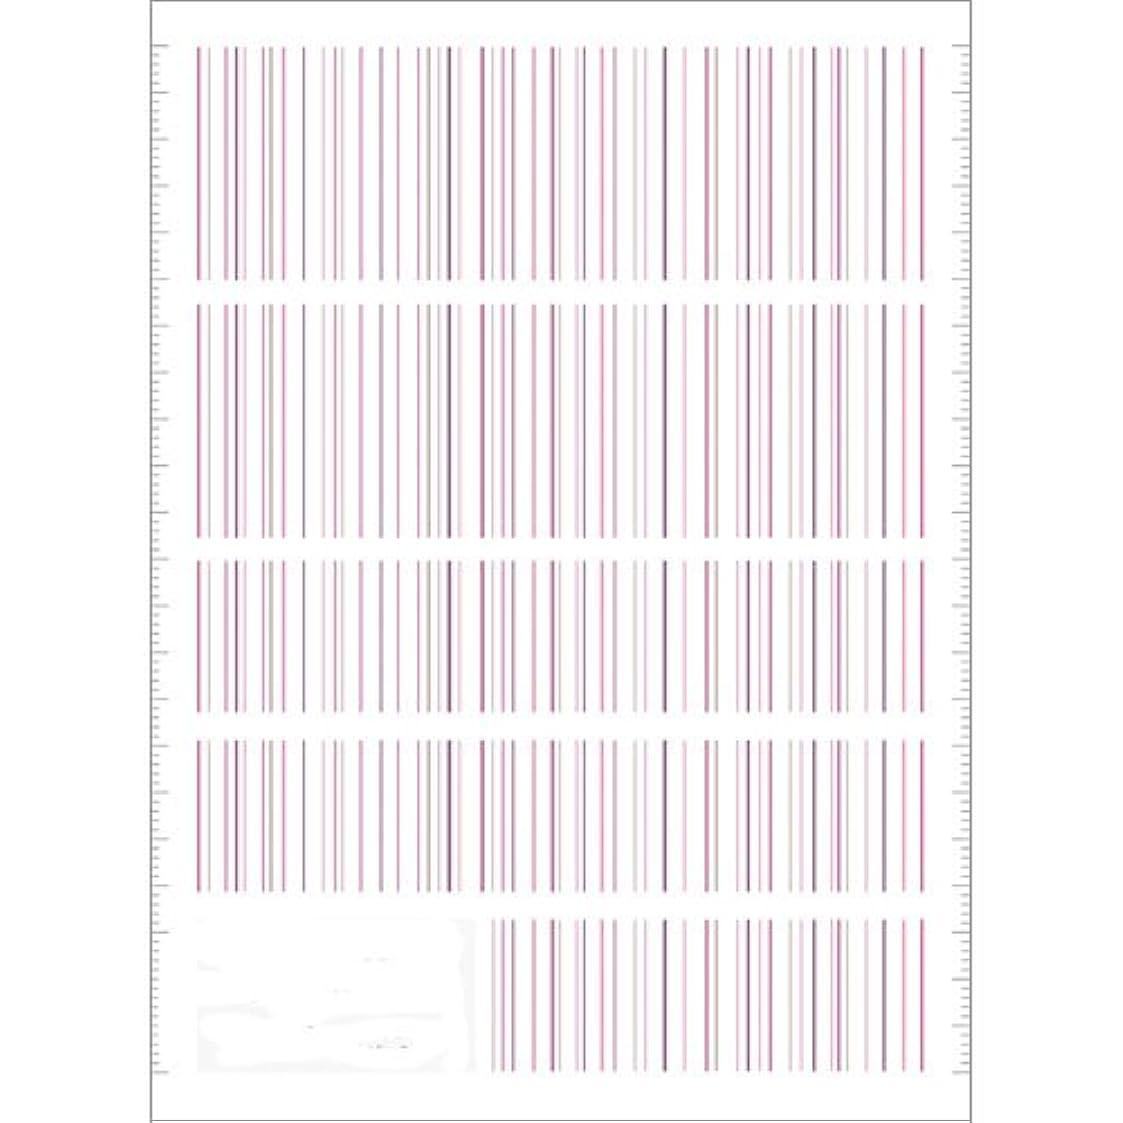 アーサーコナンドイル子孫どこでもツメキラ(TSUMEKIRA) ネイル用シール ピンストライプ ピンク NN-PIN-104